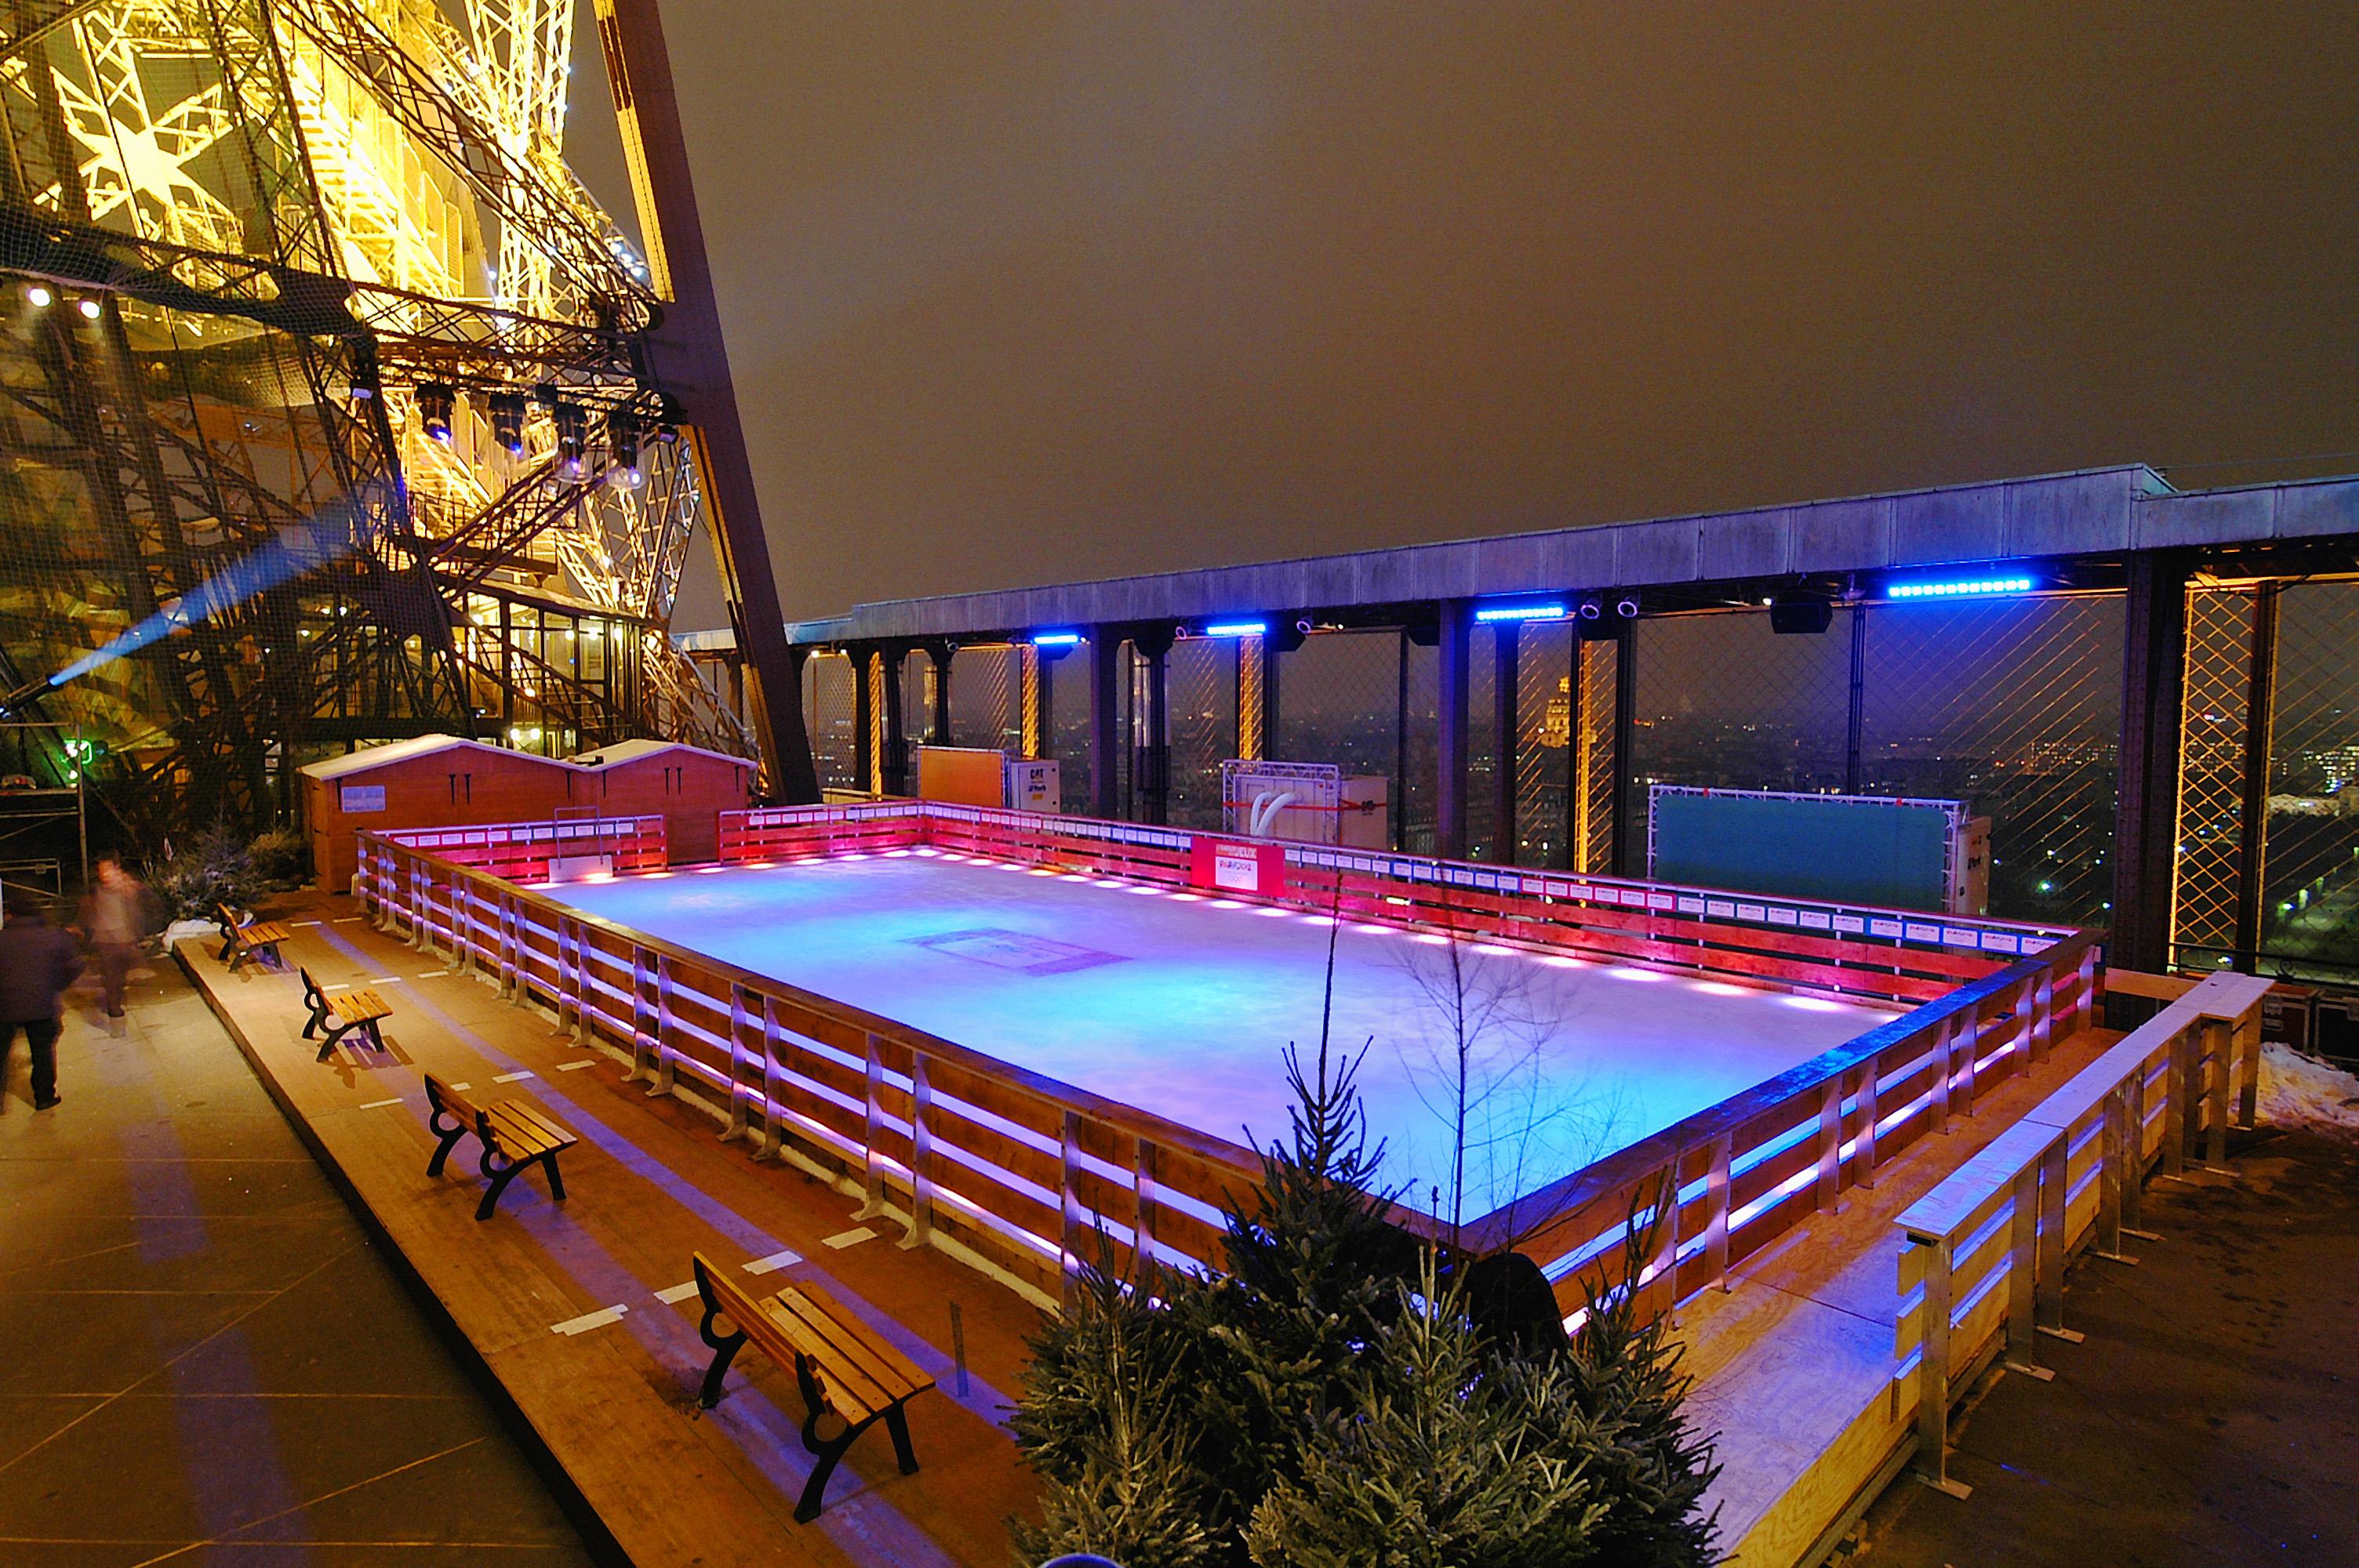 Location de patinoire d'extérieur installation